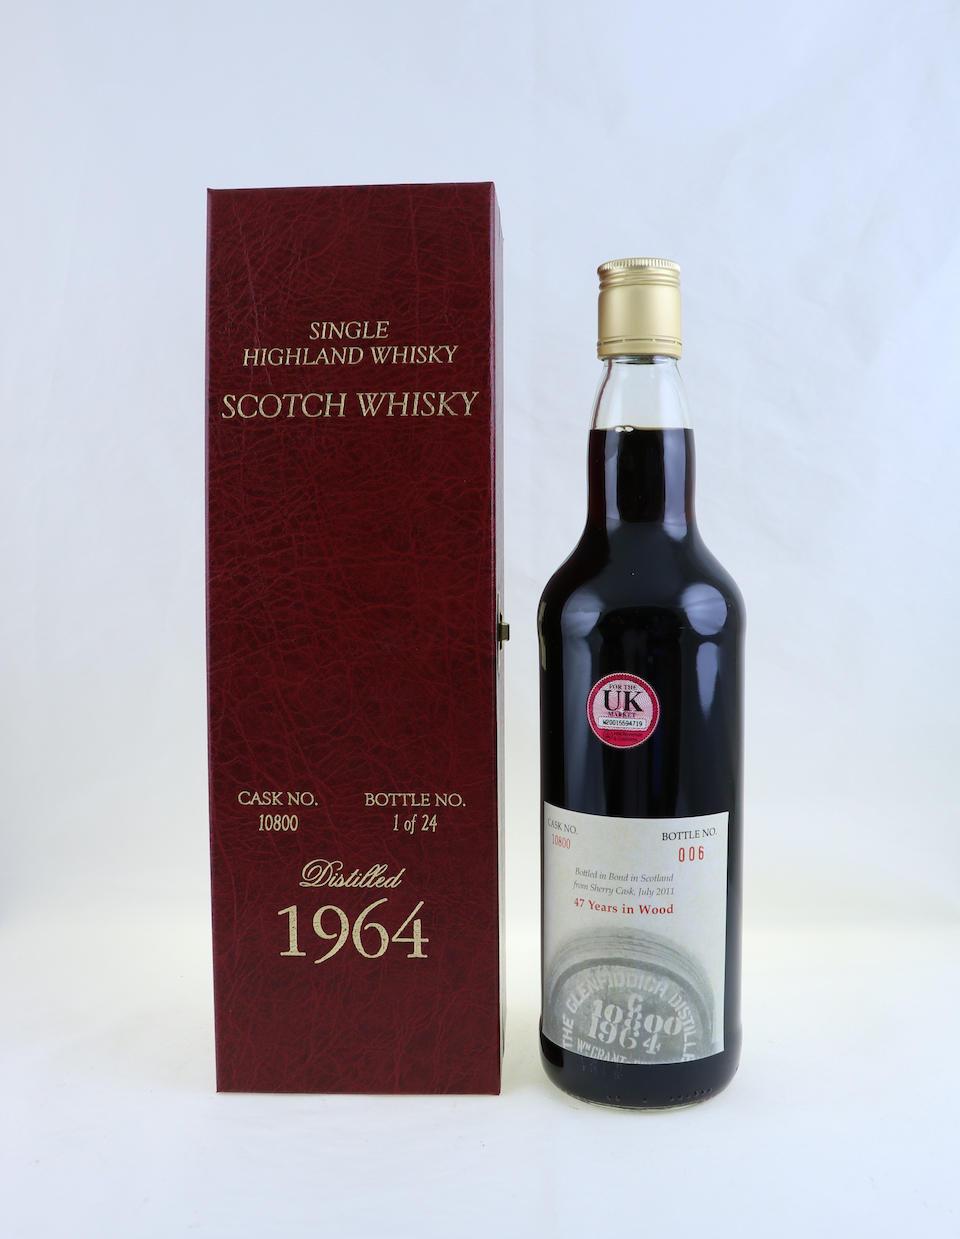 Glenfiddich-47 year old-1964